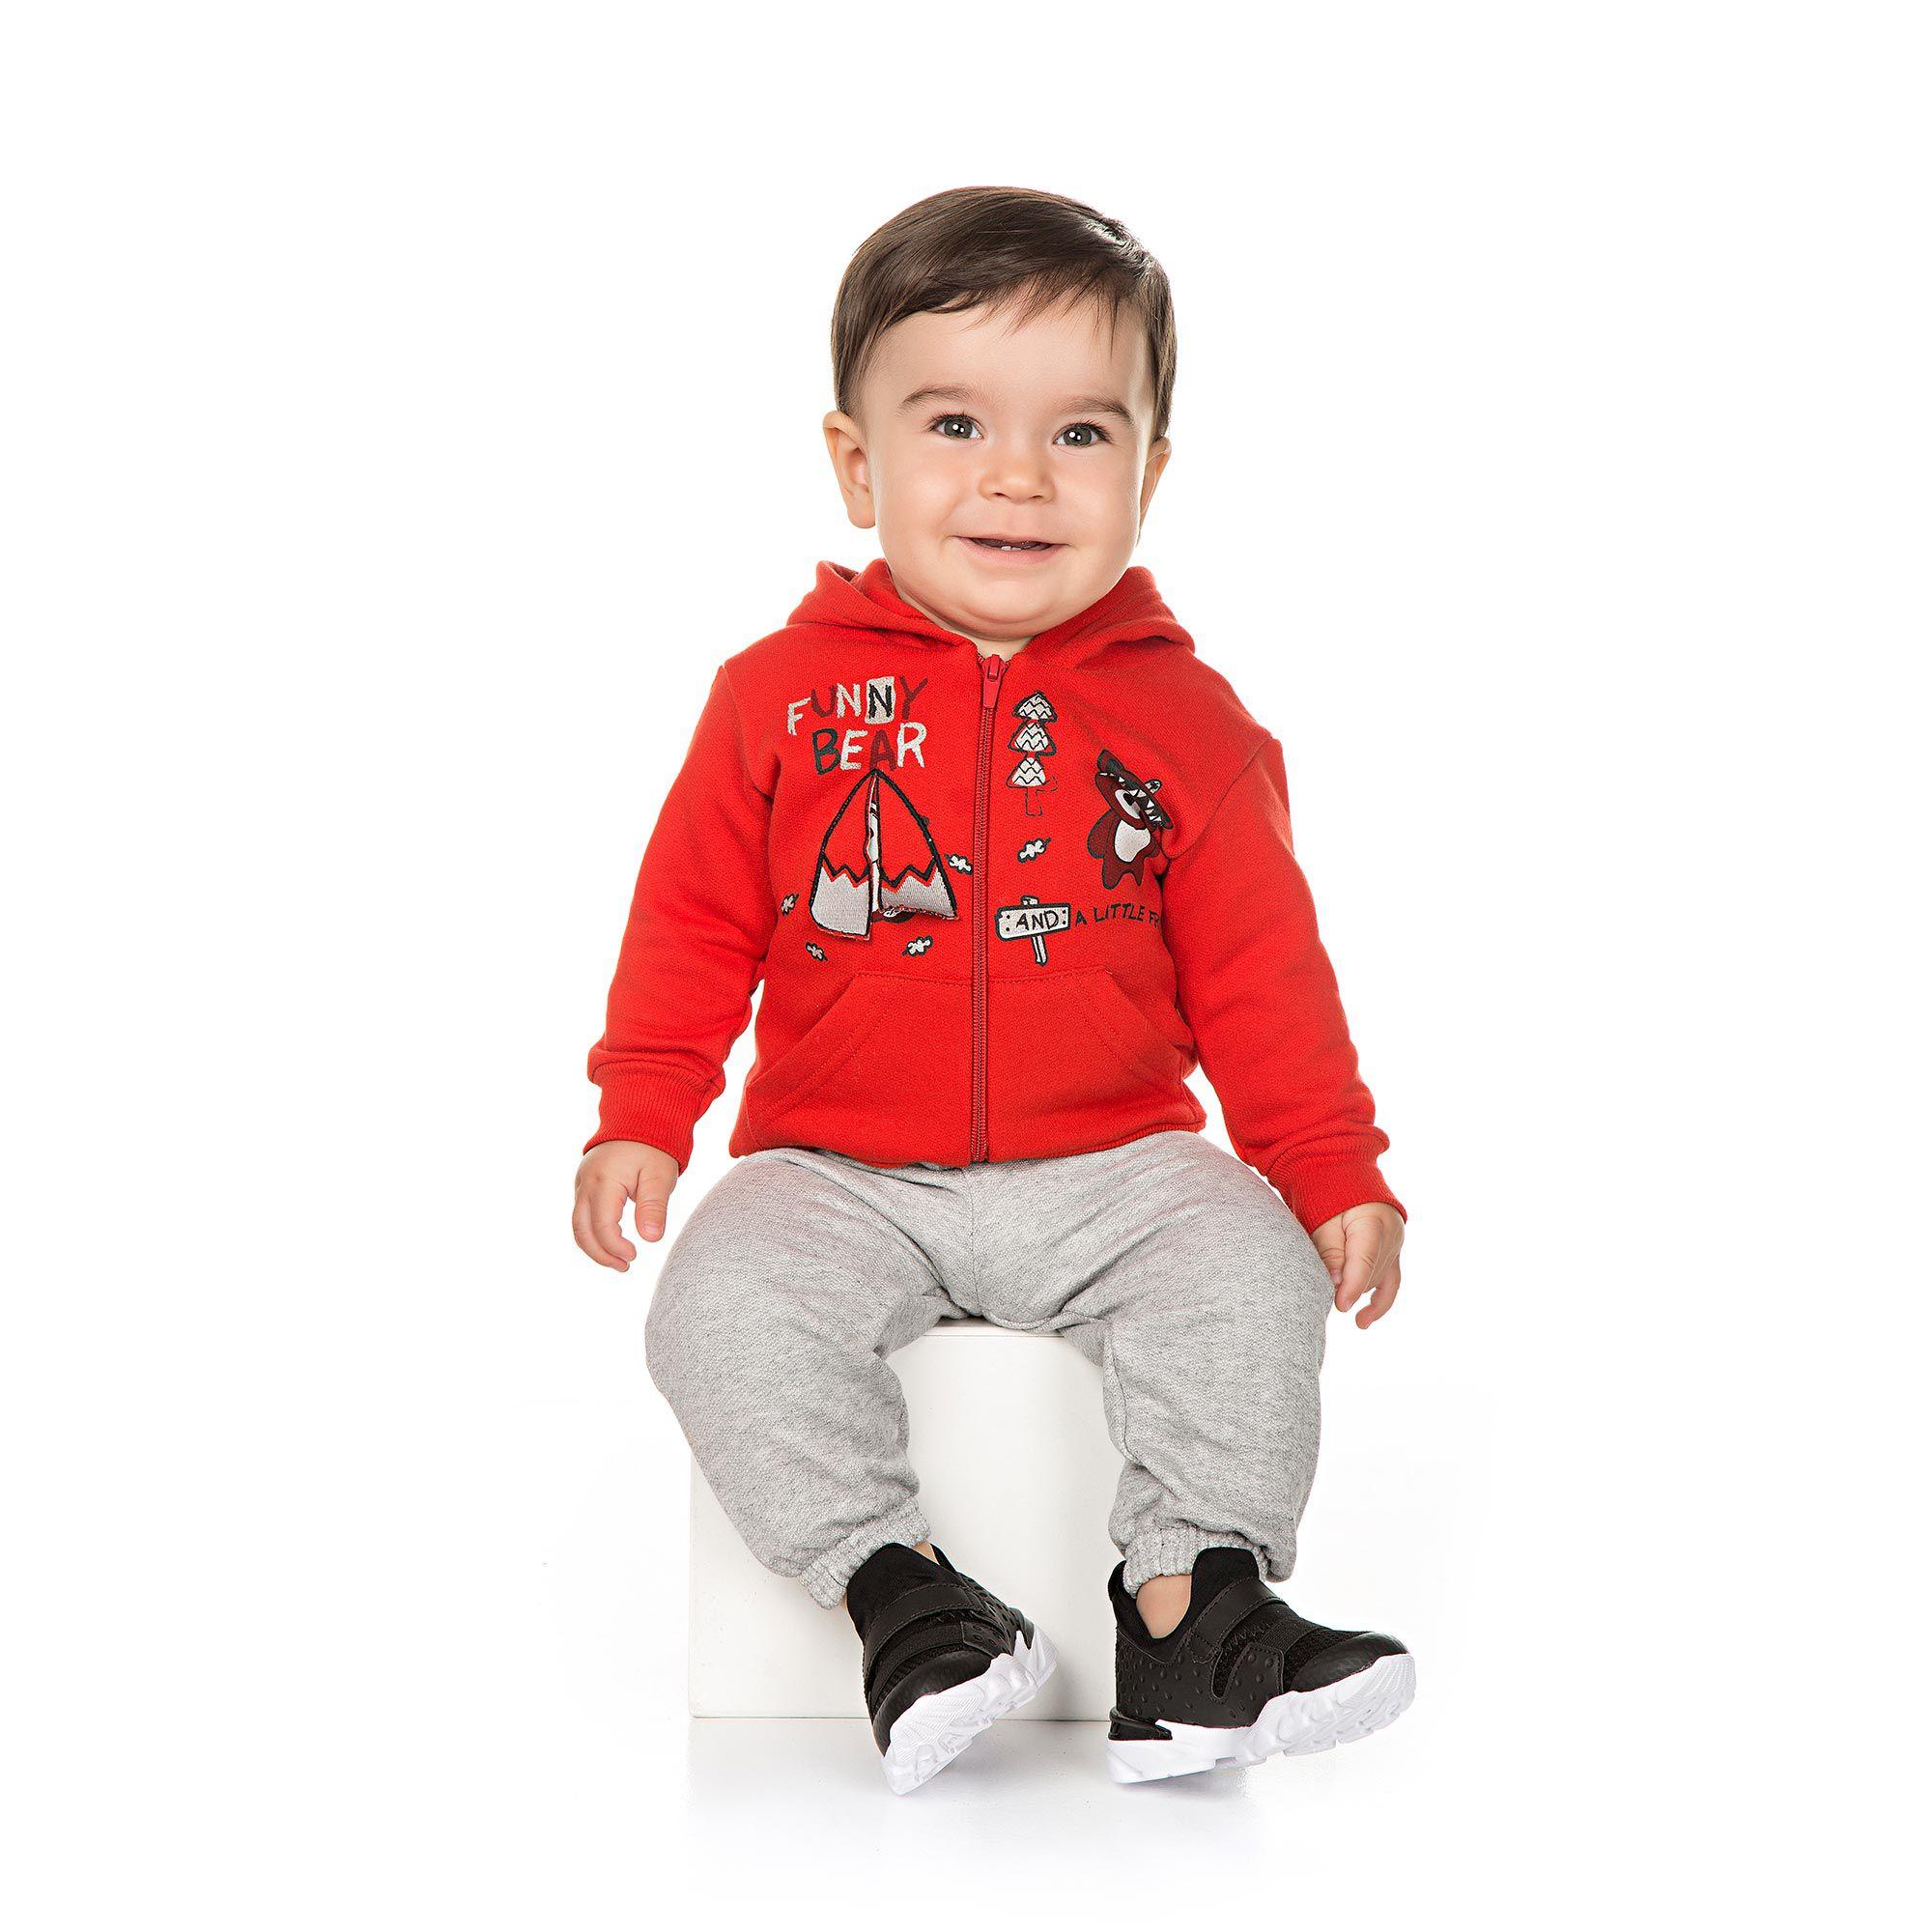 Conjunto Infantil de Moletom para Bebê 2 peças - Ref 4944 - Vermelho/Mescla